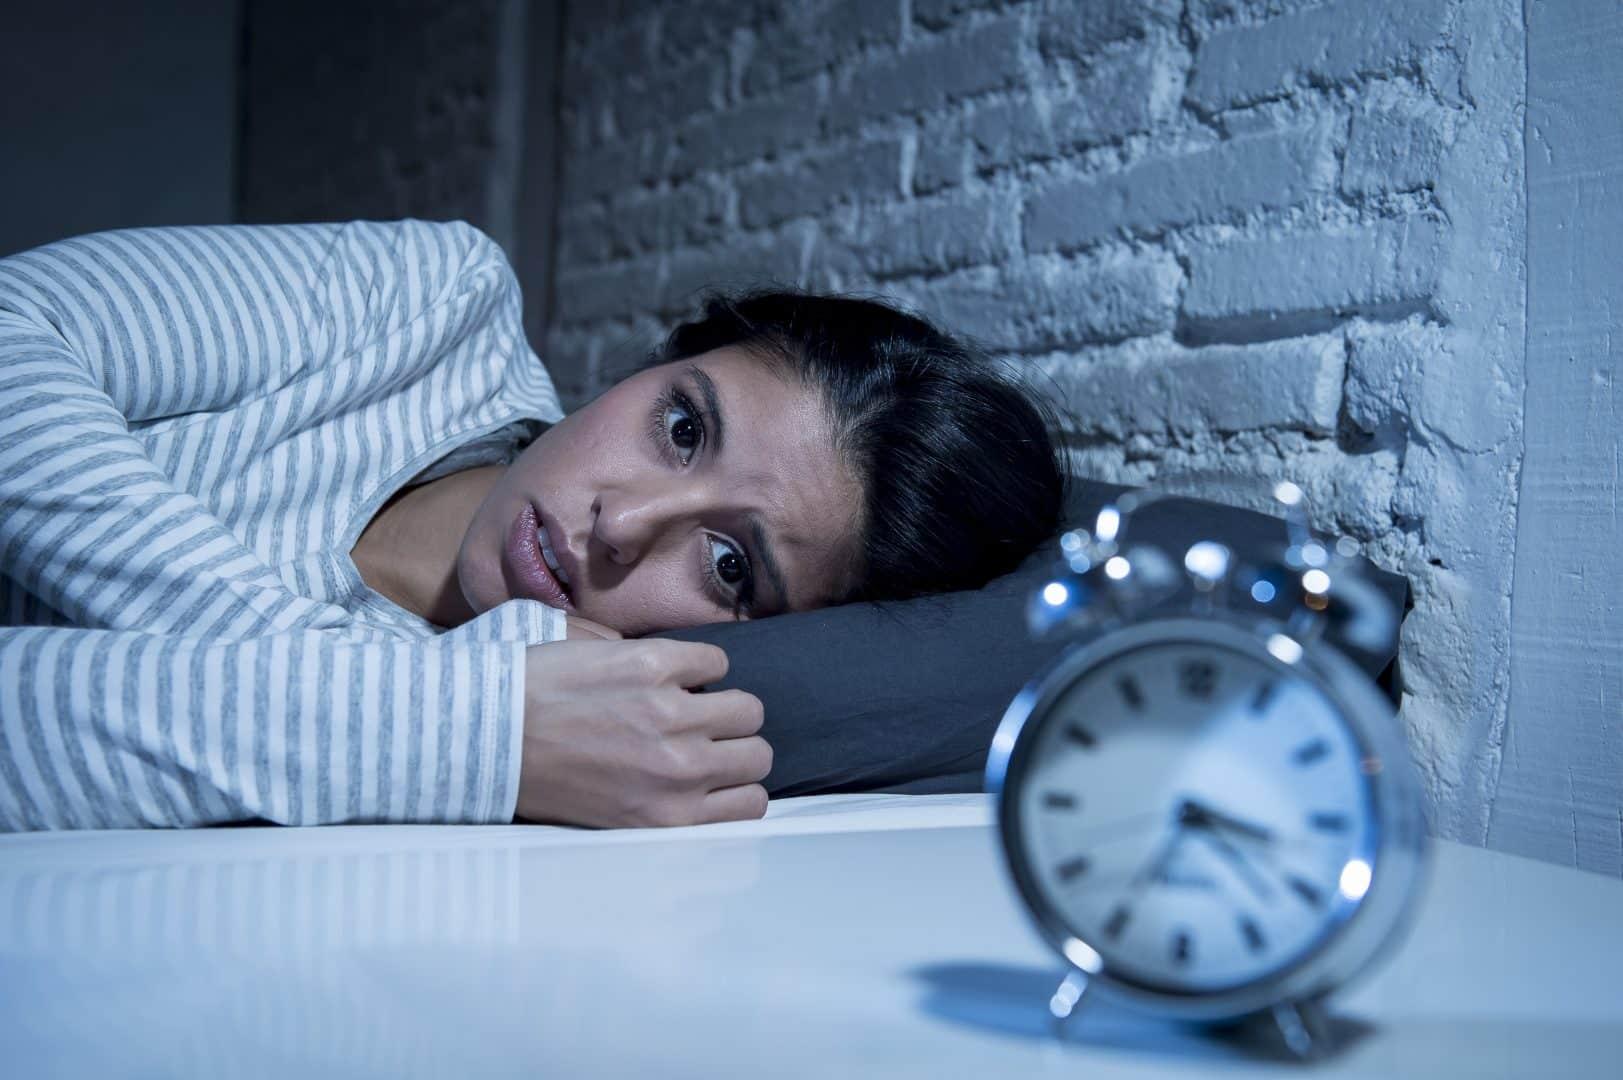 eu nao consigo dormir toda noite e a mesma coisa 5 - MELHORES PODCASTS DA SEMANA #021